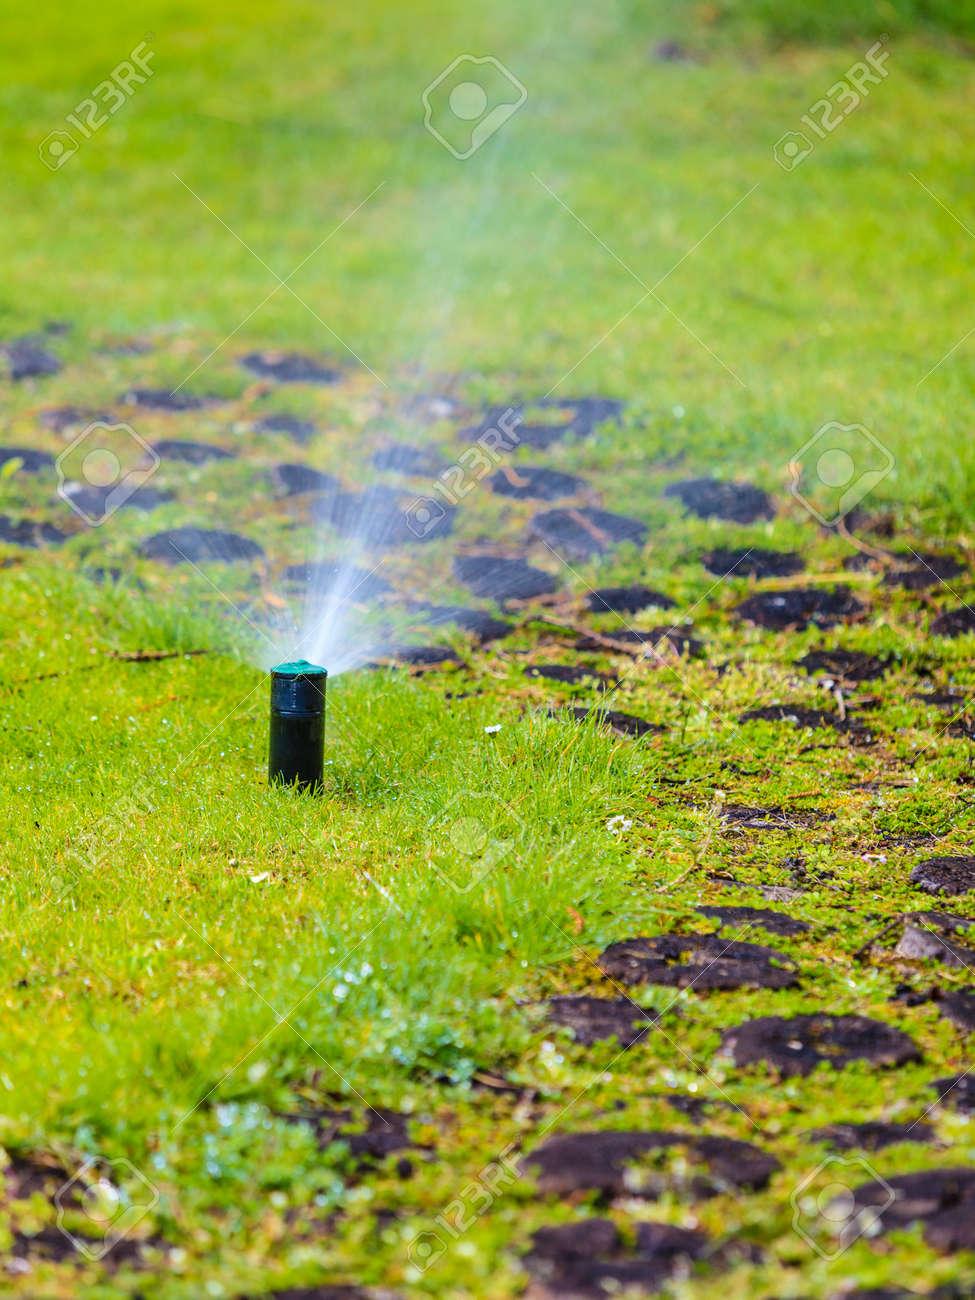 Gartenarbeit Rasensprenger Verspruhen Von Wasser Uber Grune Gras